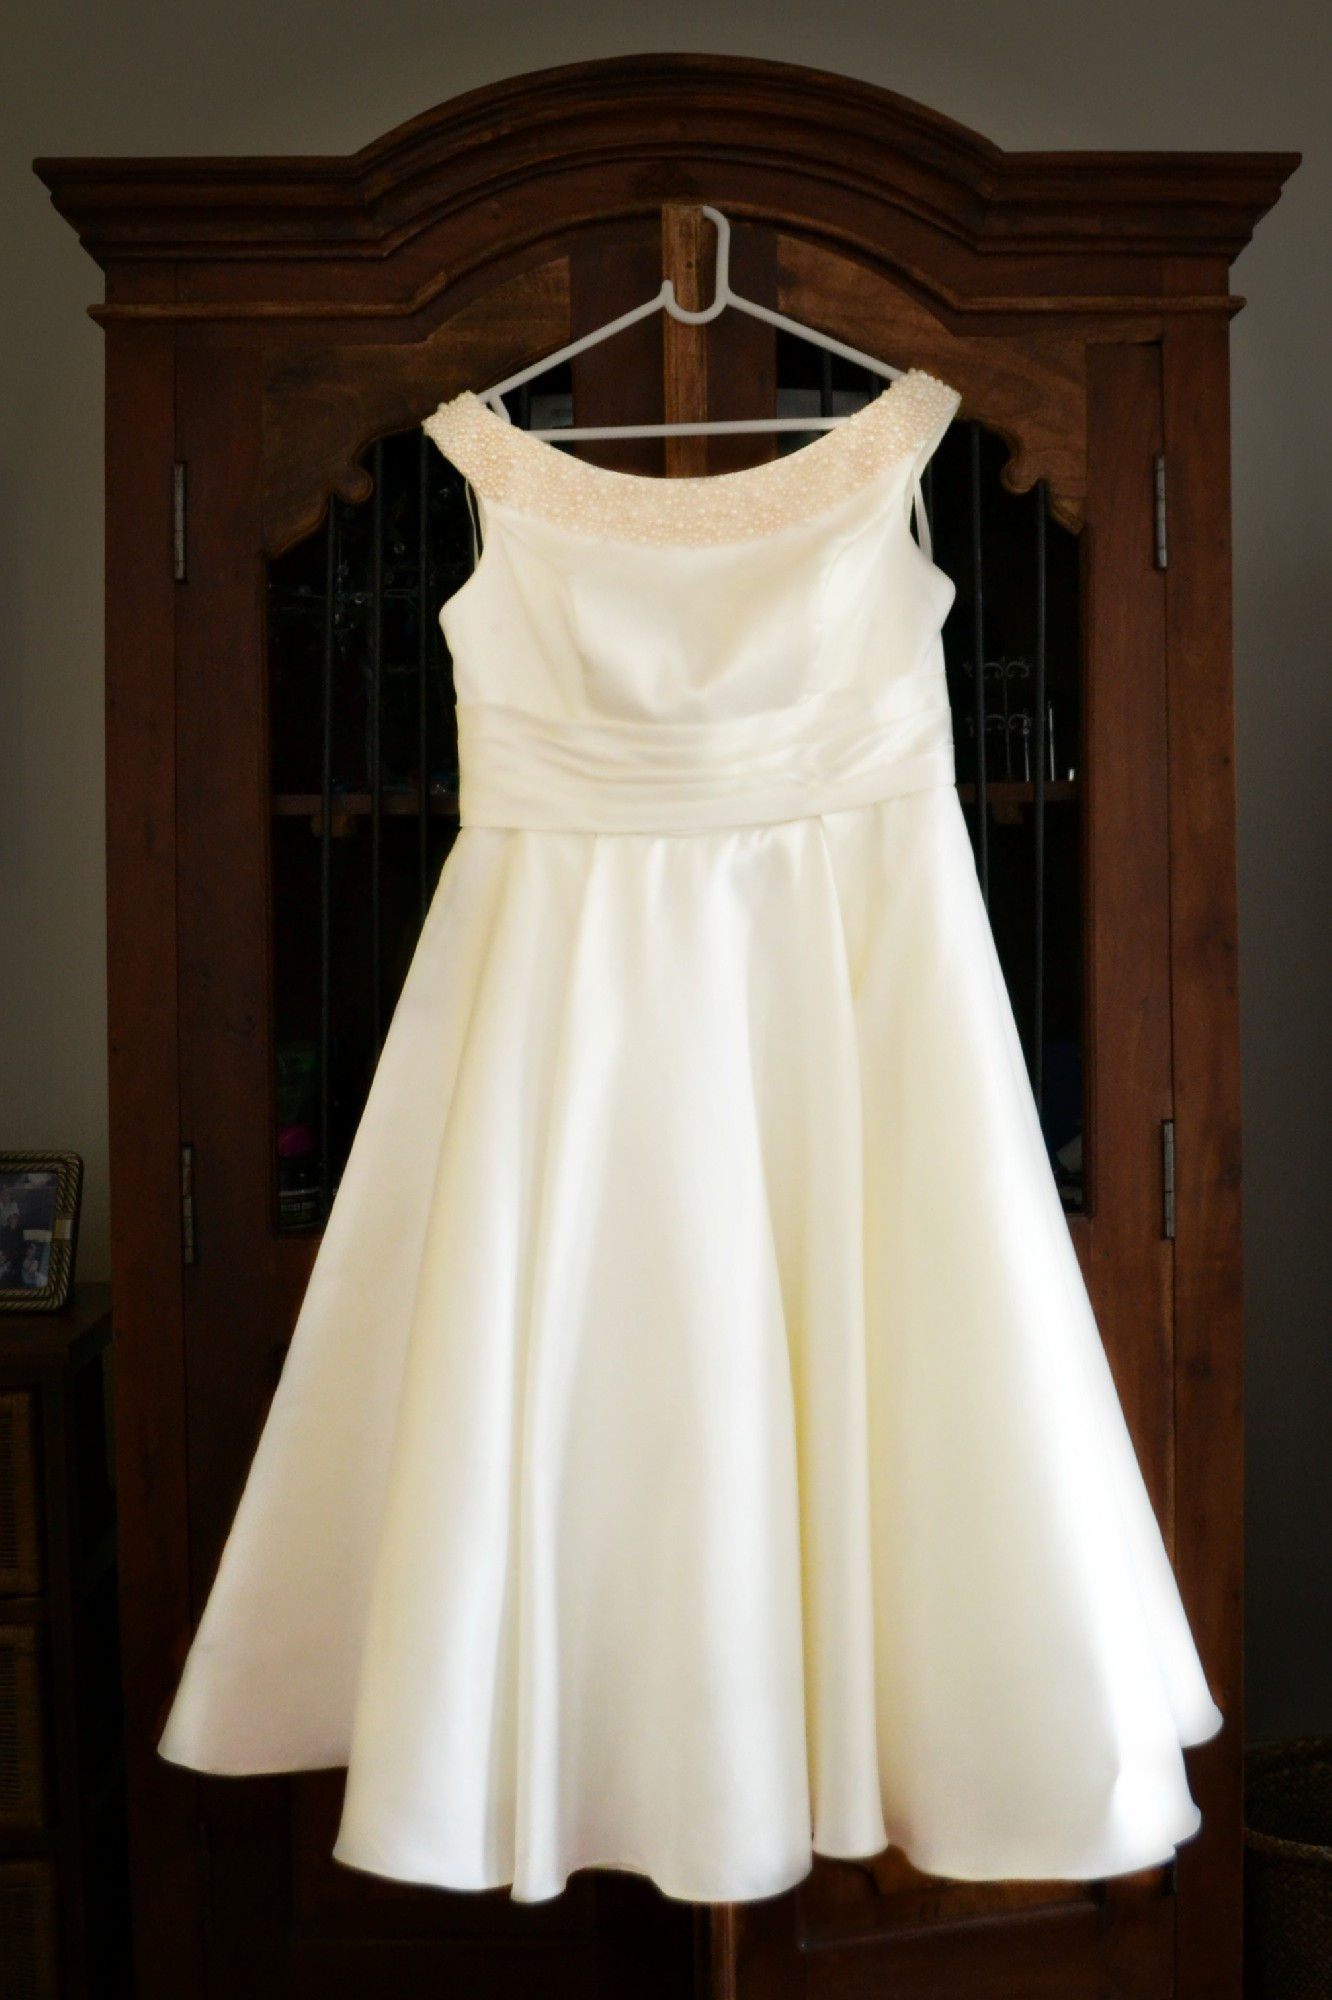 Brighton belle harriet second hand wedding dress on sale for Second hand wedding dresses london